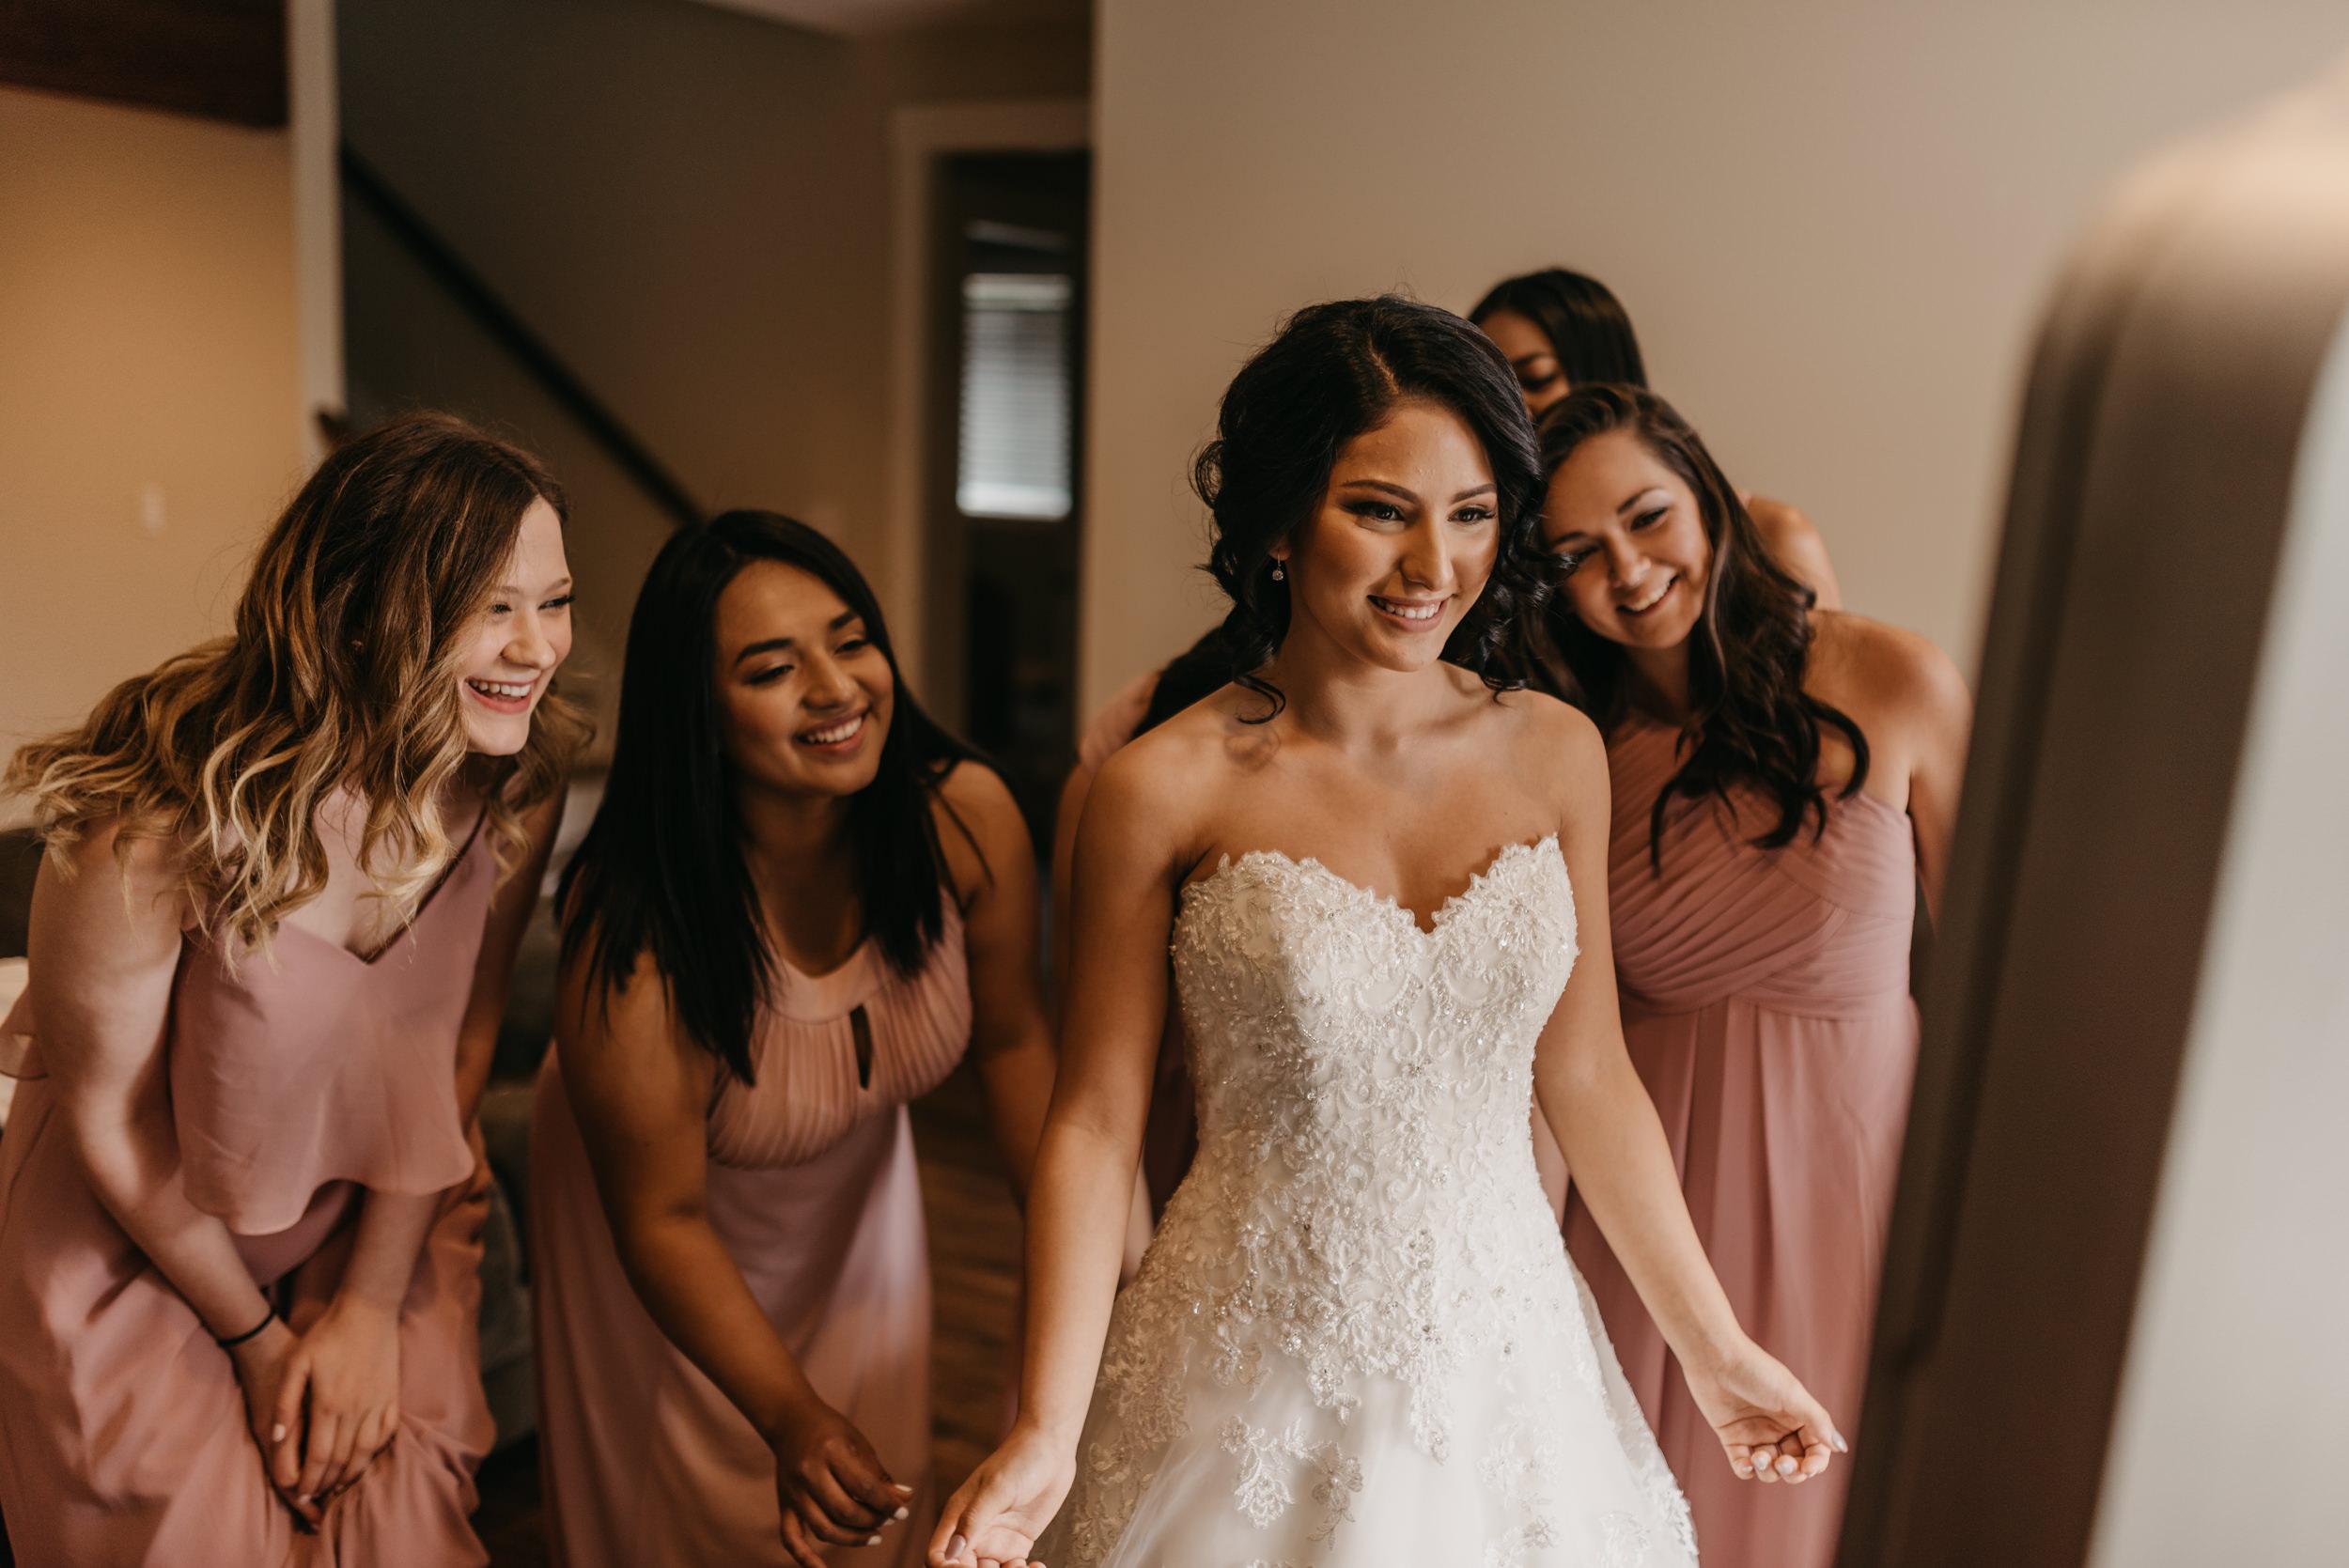 16-bride-getting-ready-groom-bridesmaids-7038.jpg